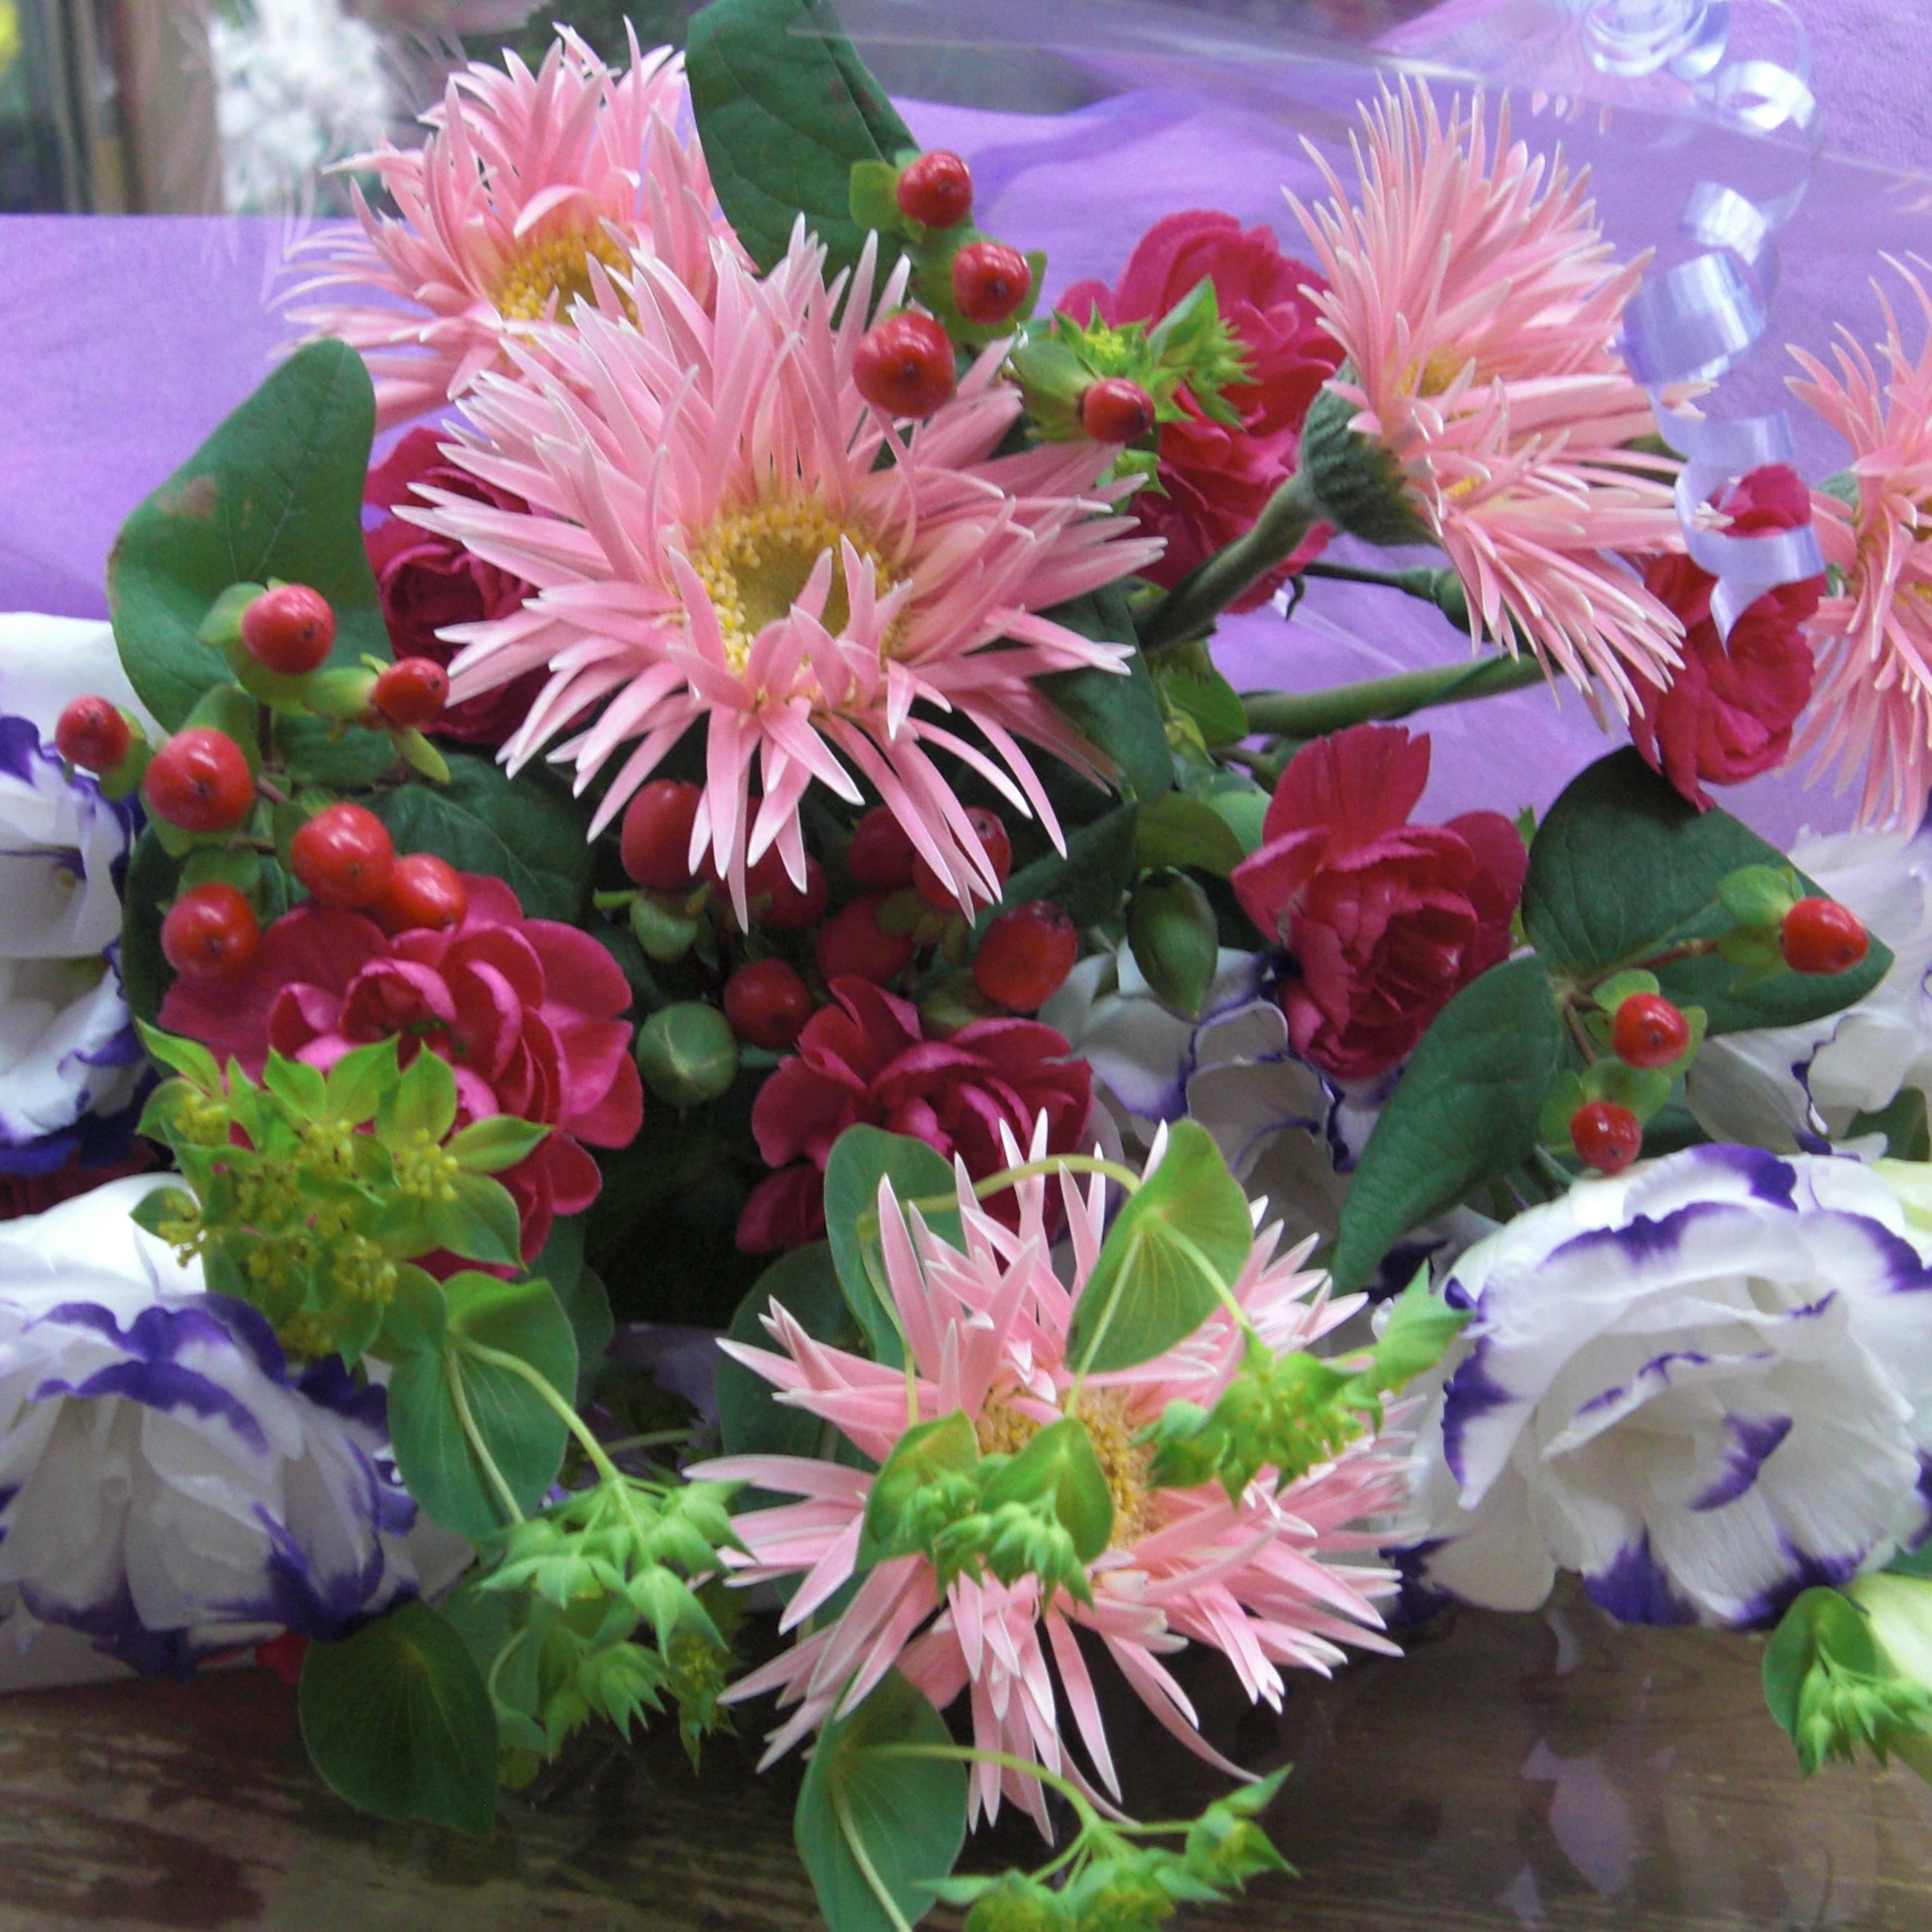 トルコキキョウとちょっと変わったピンクのガーベラを使った花束